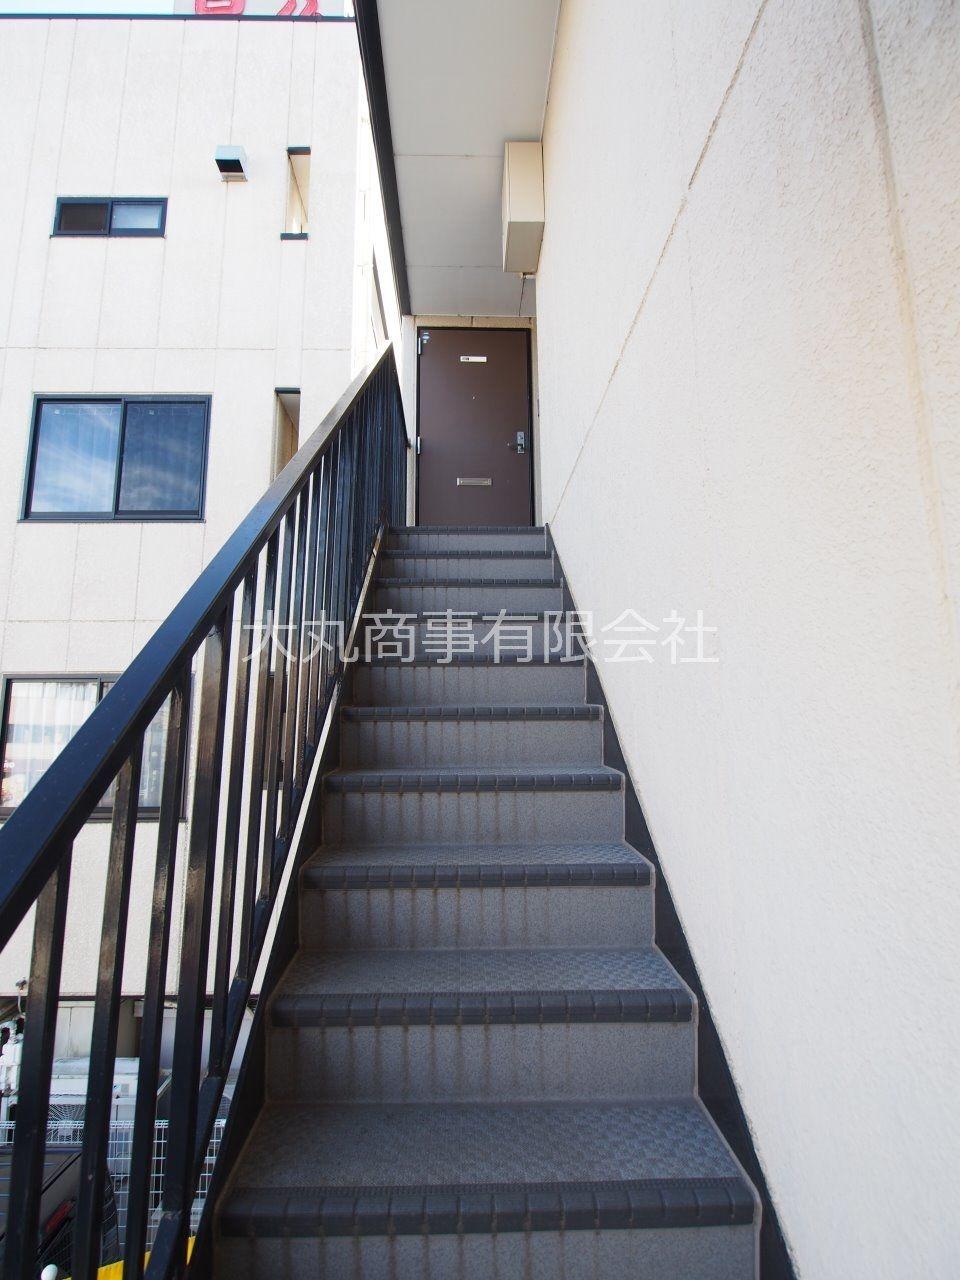 2階から3階への共用階段